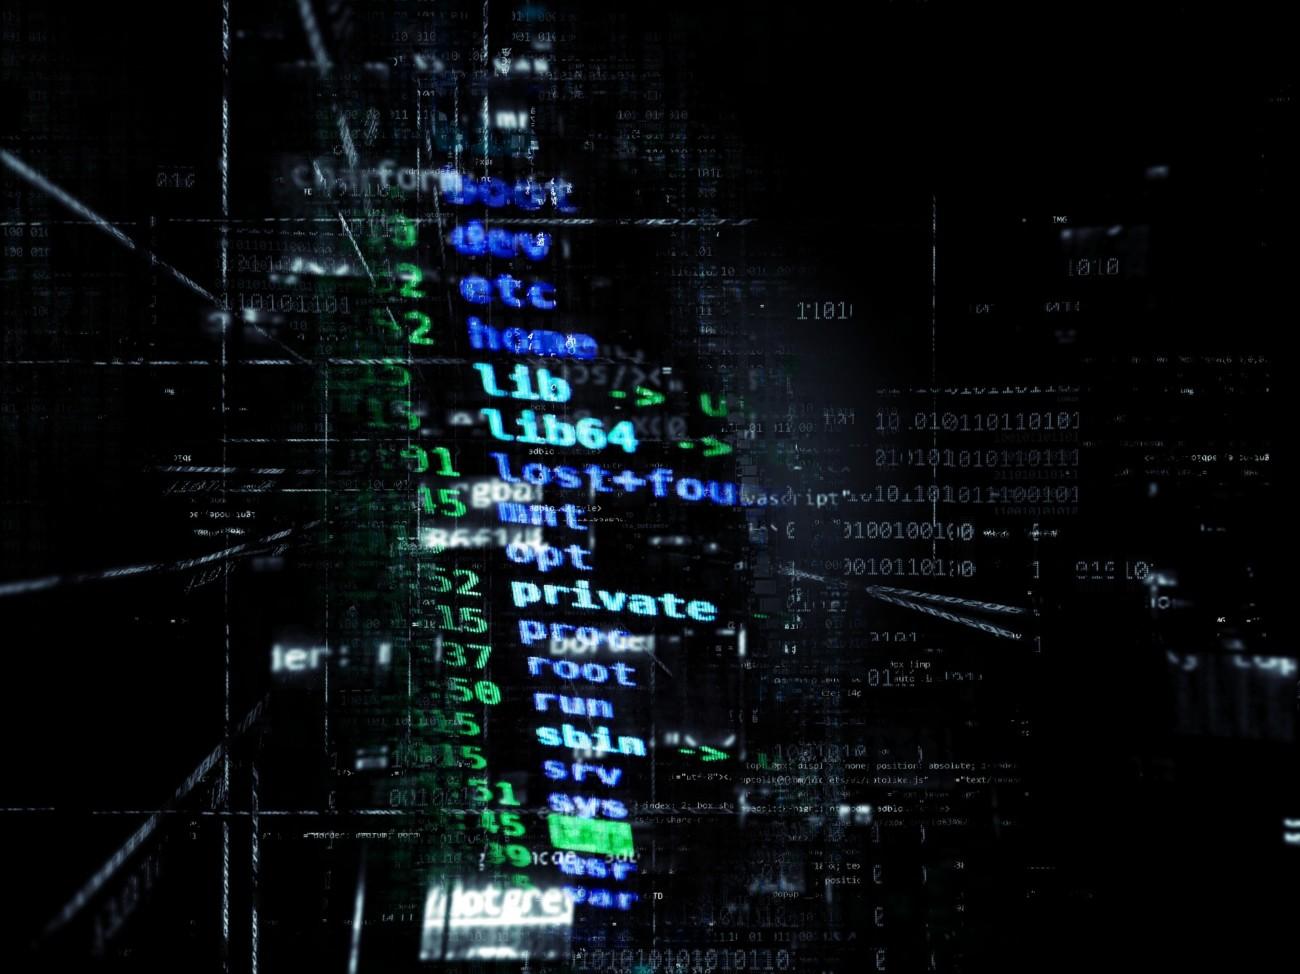 Vulnerabilidades de software